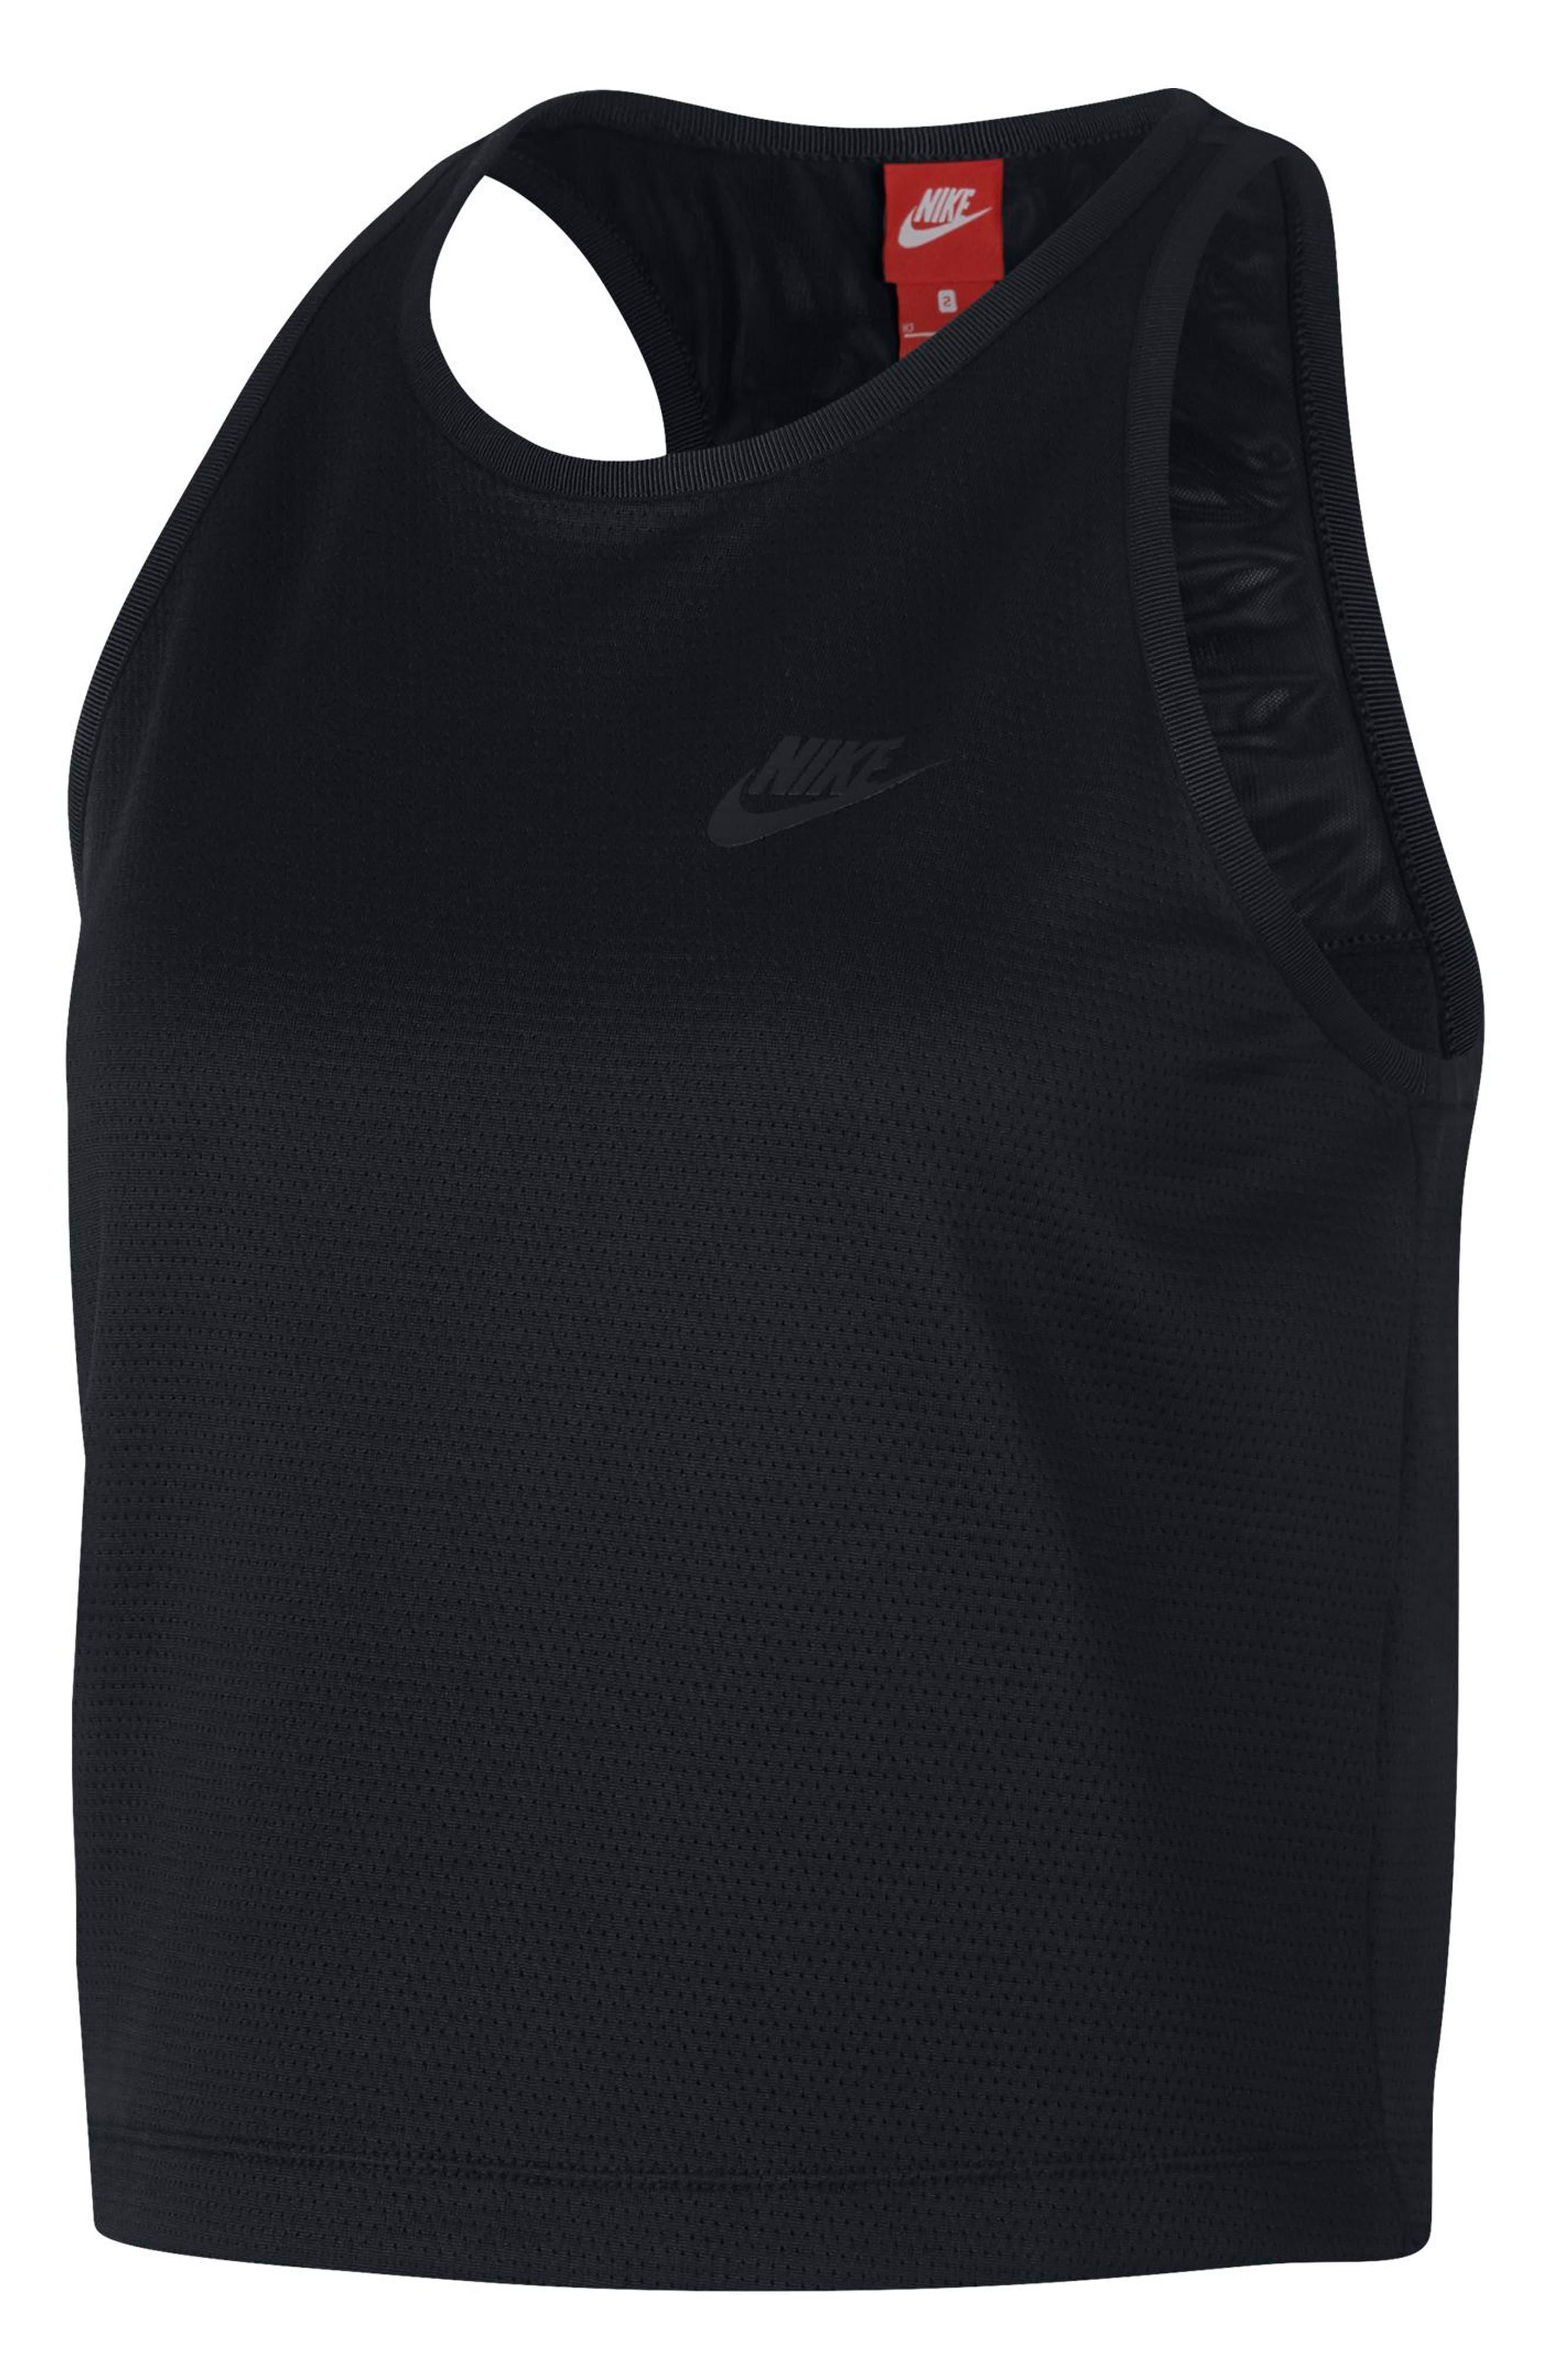 Sportswear Tech Fleece Women's Crop Tank by Nike